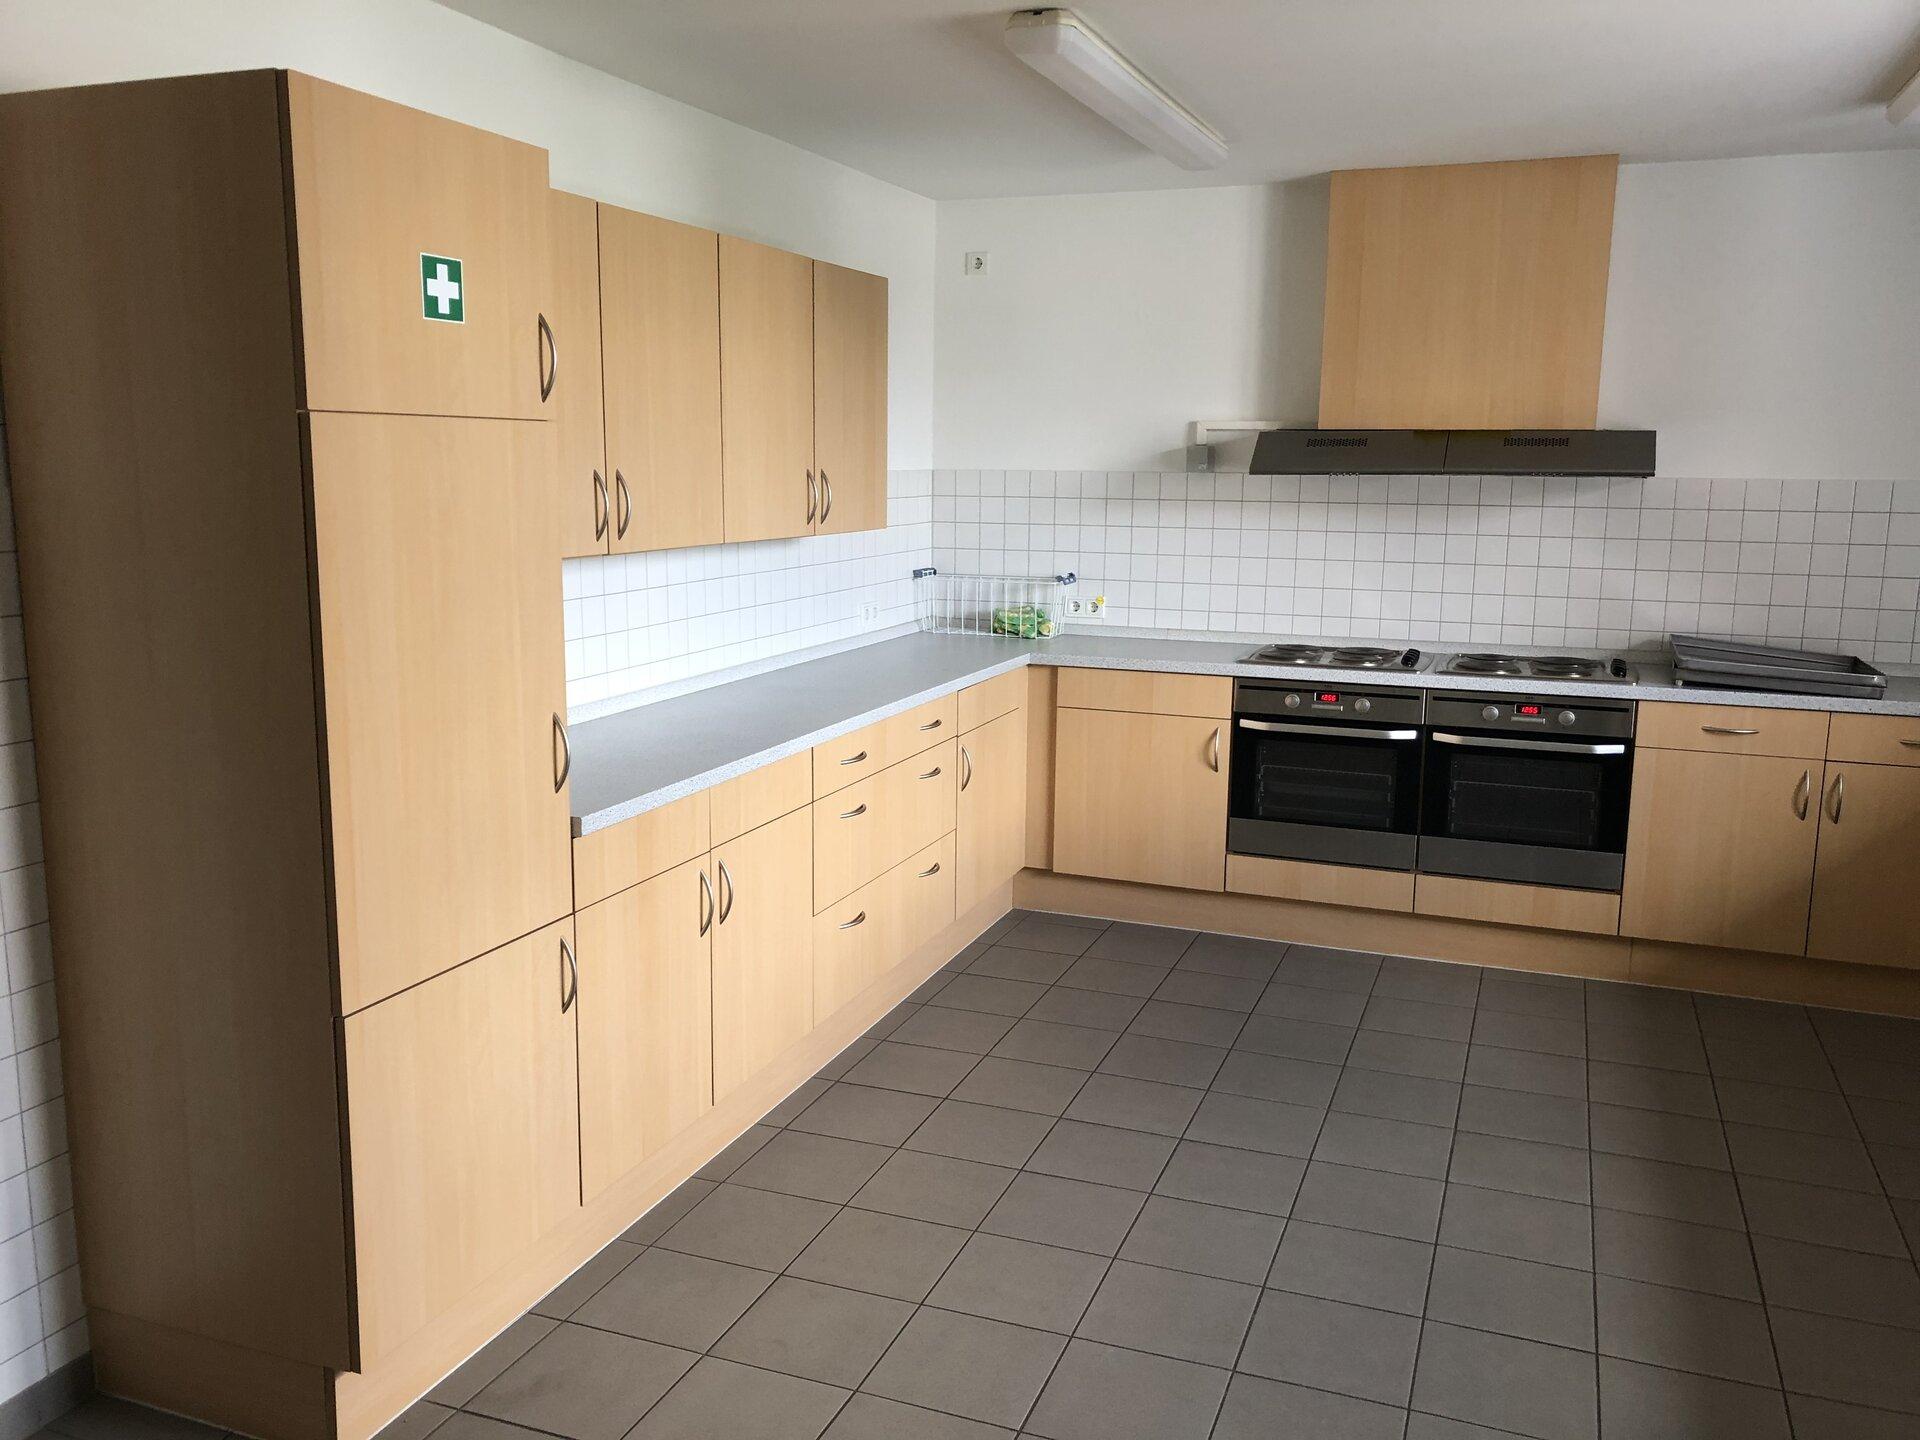 Blick in die Küche / Thekenbereich 2